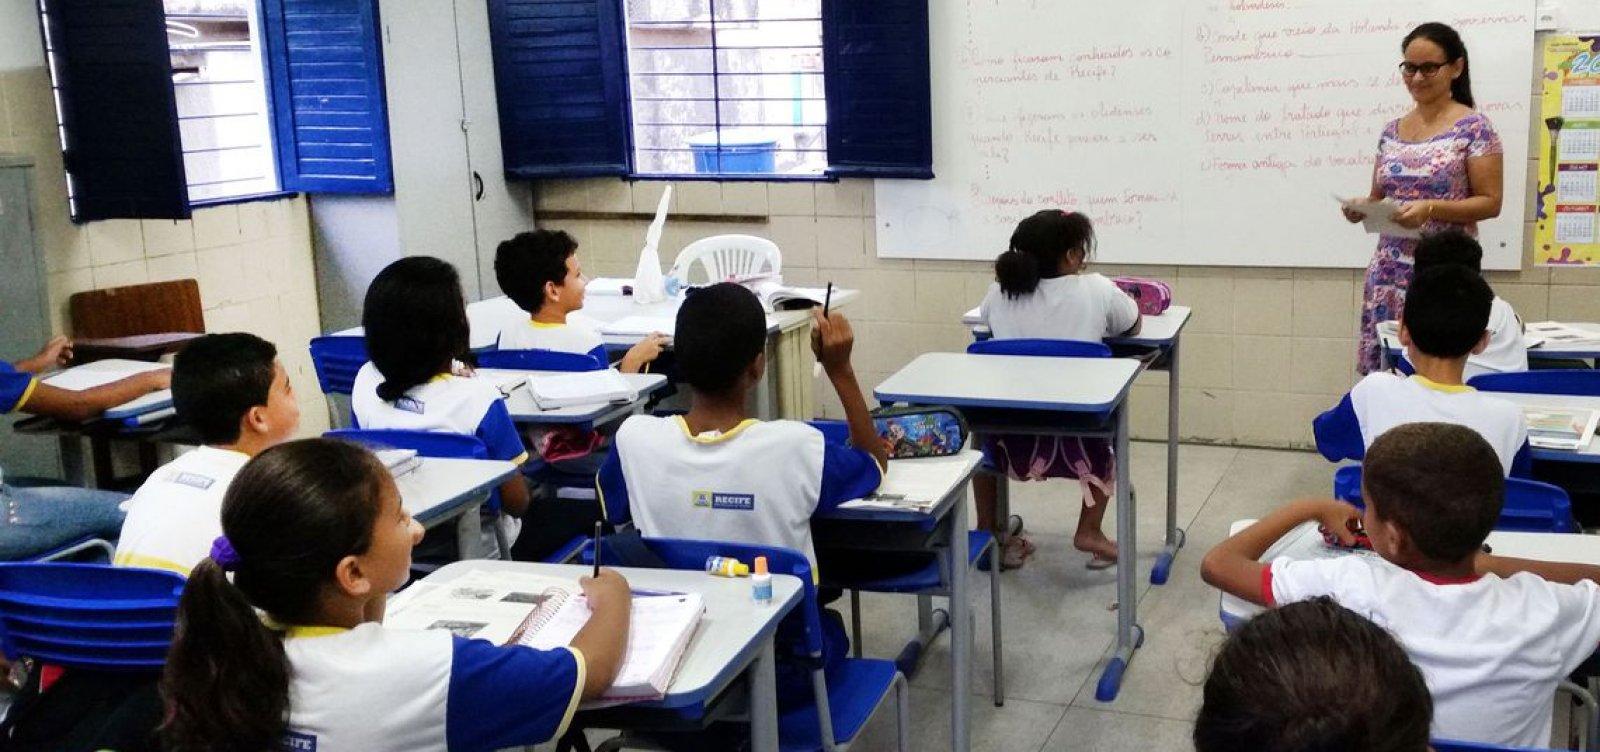 [De cada 10 professores do fundamental, 4 não têm formação no que ensinam]